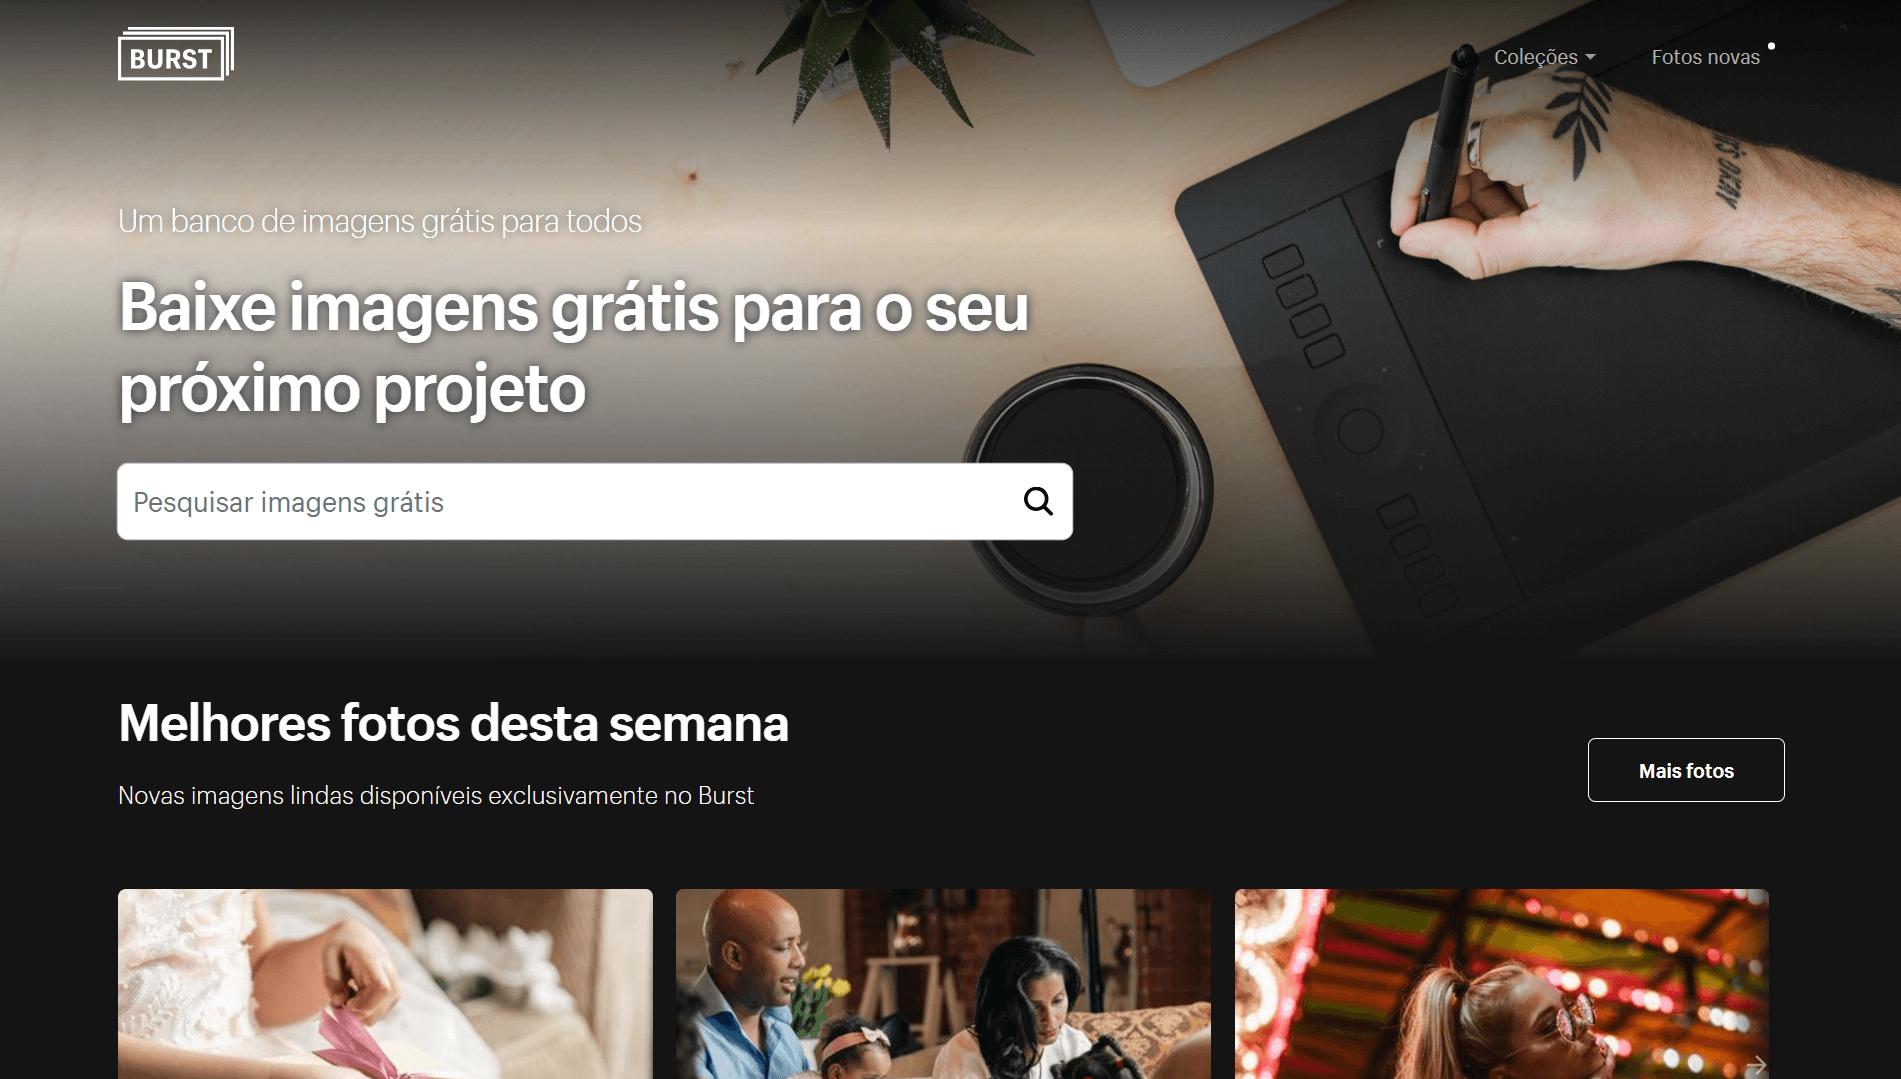 Conheça Burst, o banco de imagens gratuitas da Shopify que é totalmente localizado em português 5